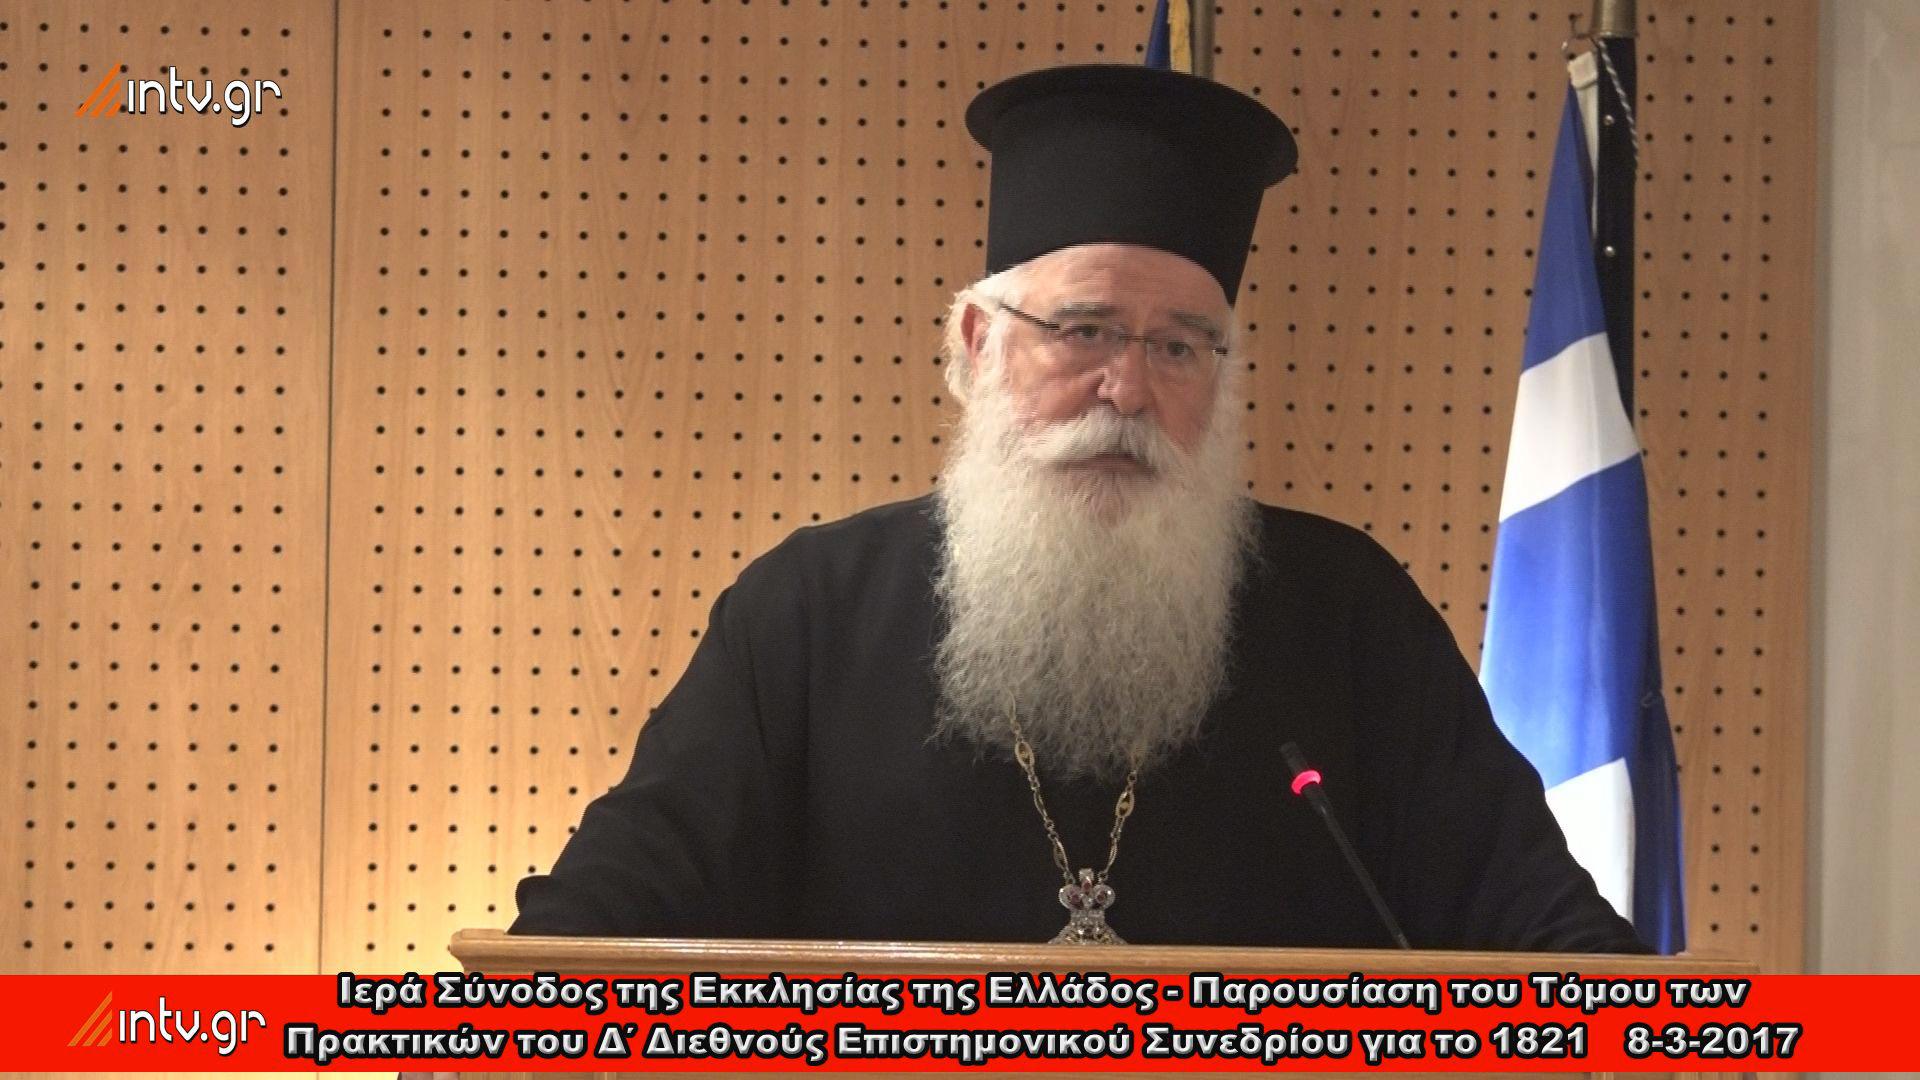 Ιερά Σύνοδος της Εκκλησίας της Ελλάδος.- Παρουσίαση του Τόμου των Πρακτικών του Δ΄ Διεθνούς Επιστημονικού Συνεδρίου για το 1821